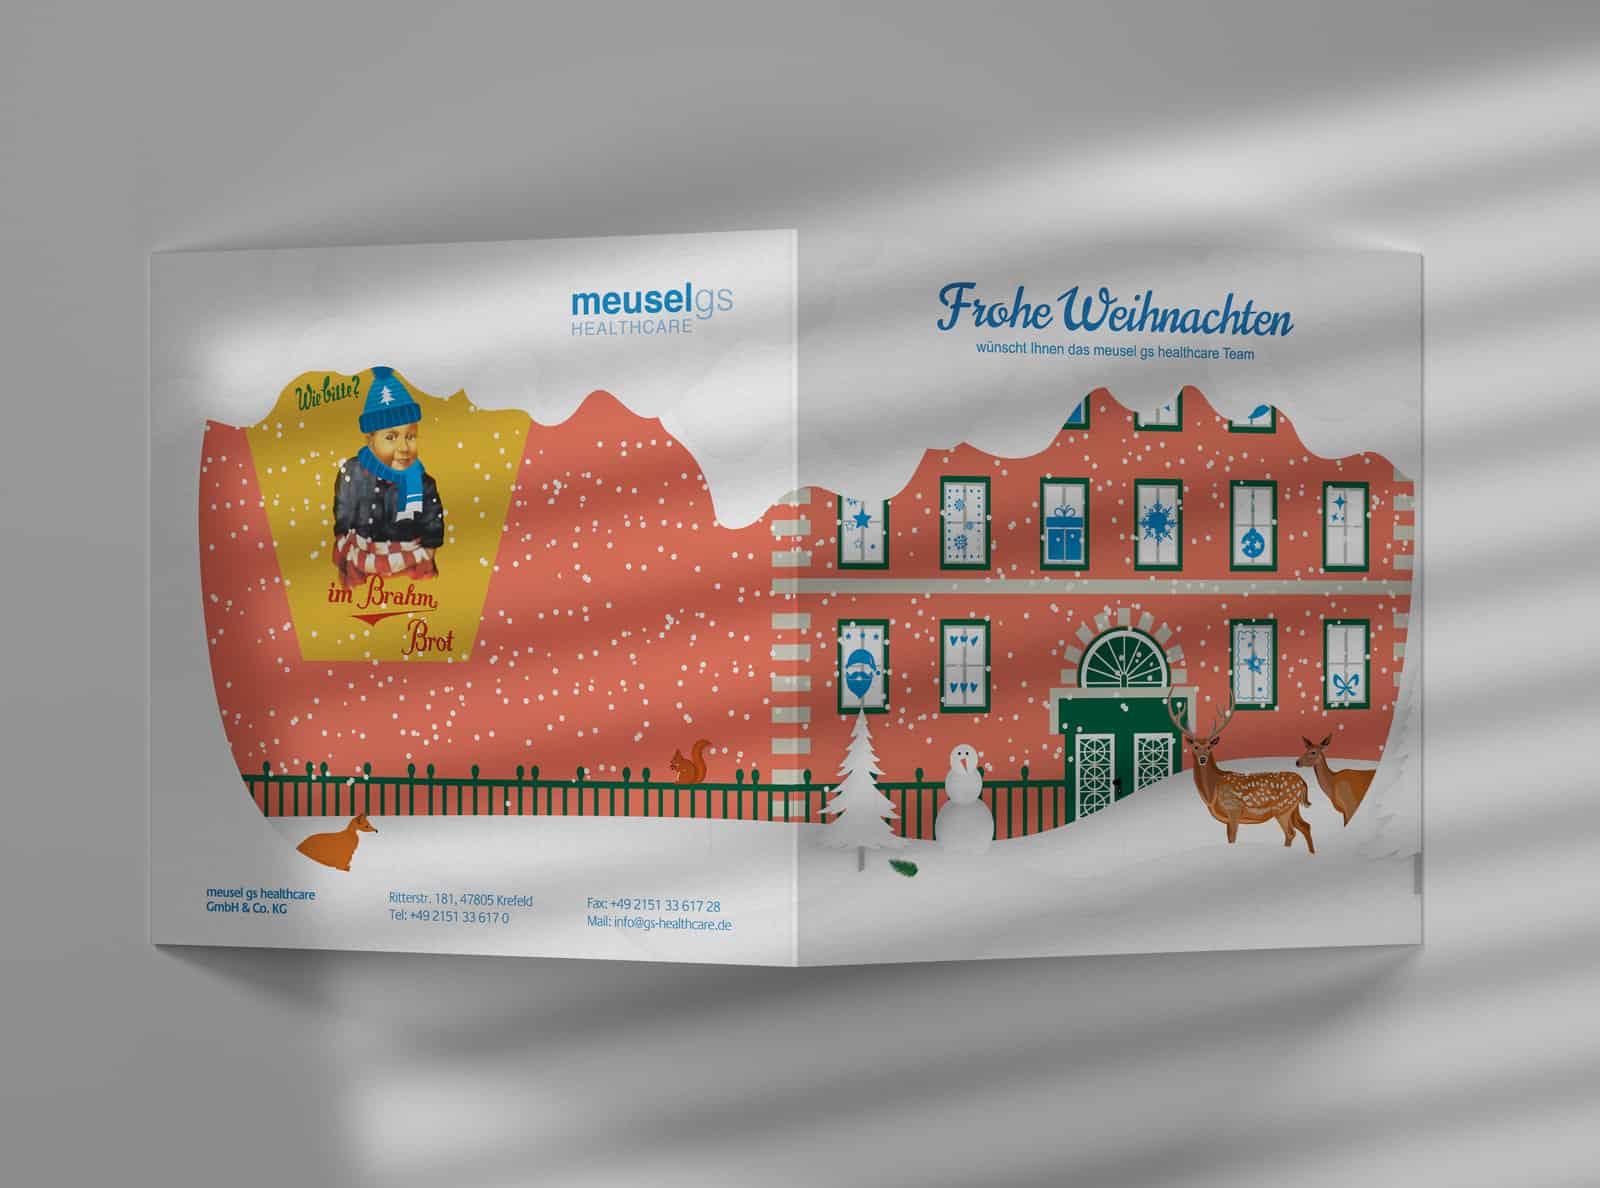 Meusel-gs-healthcare_Kundengeschenk_Weihnachtskarte_Außen